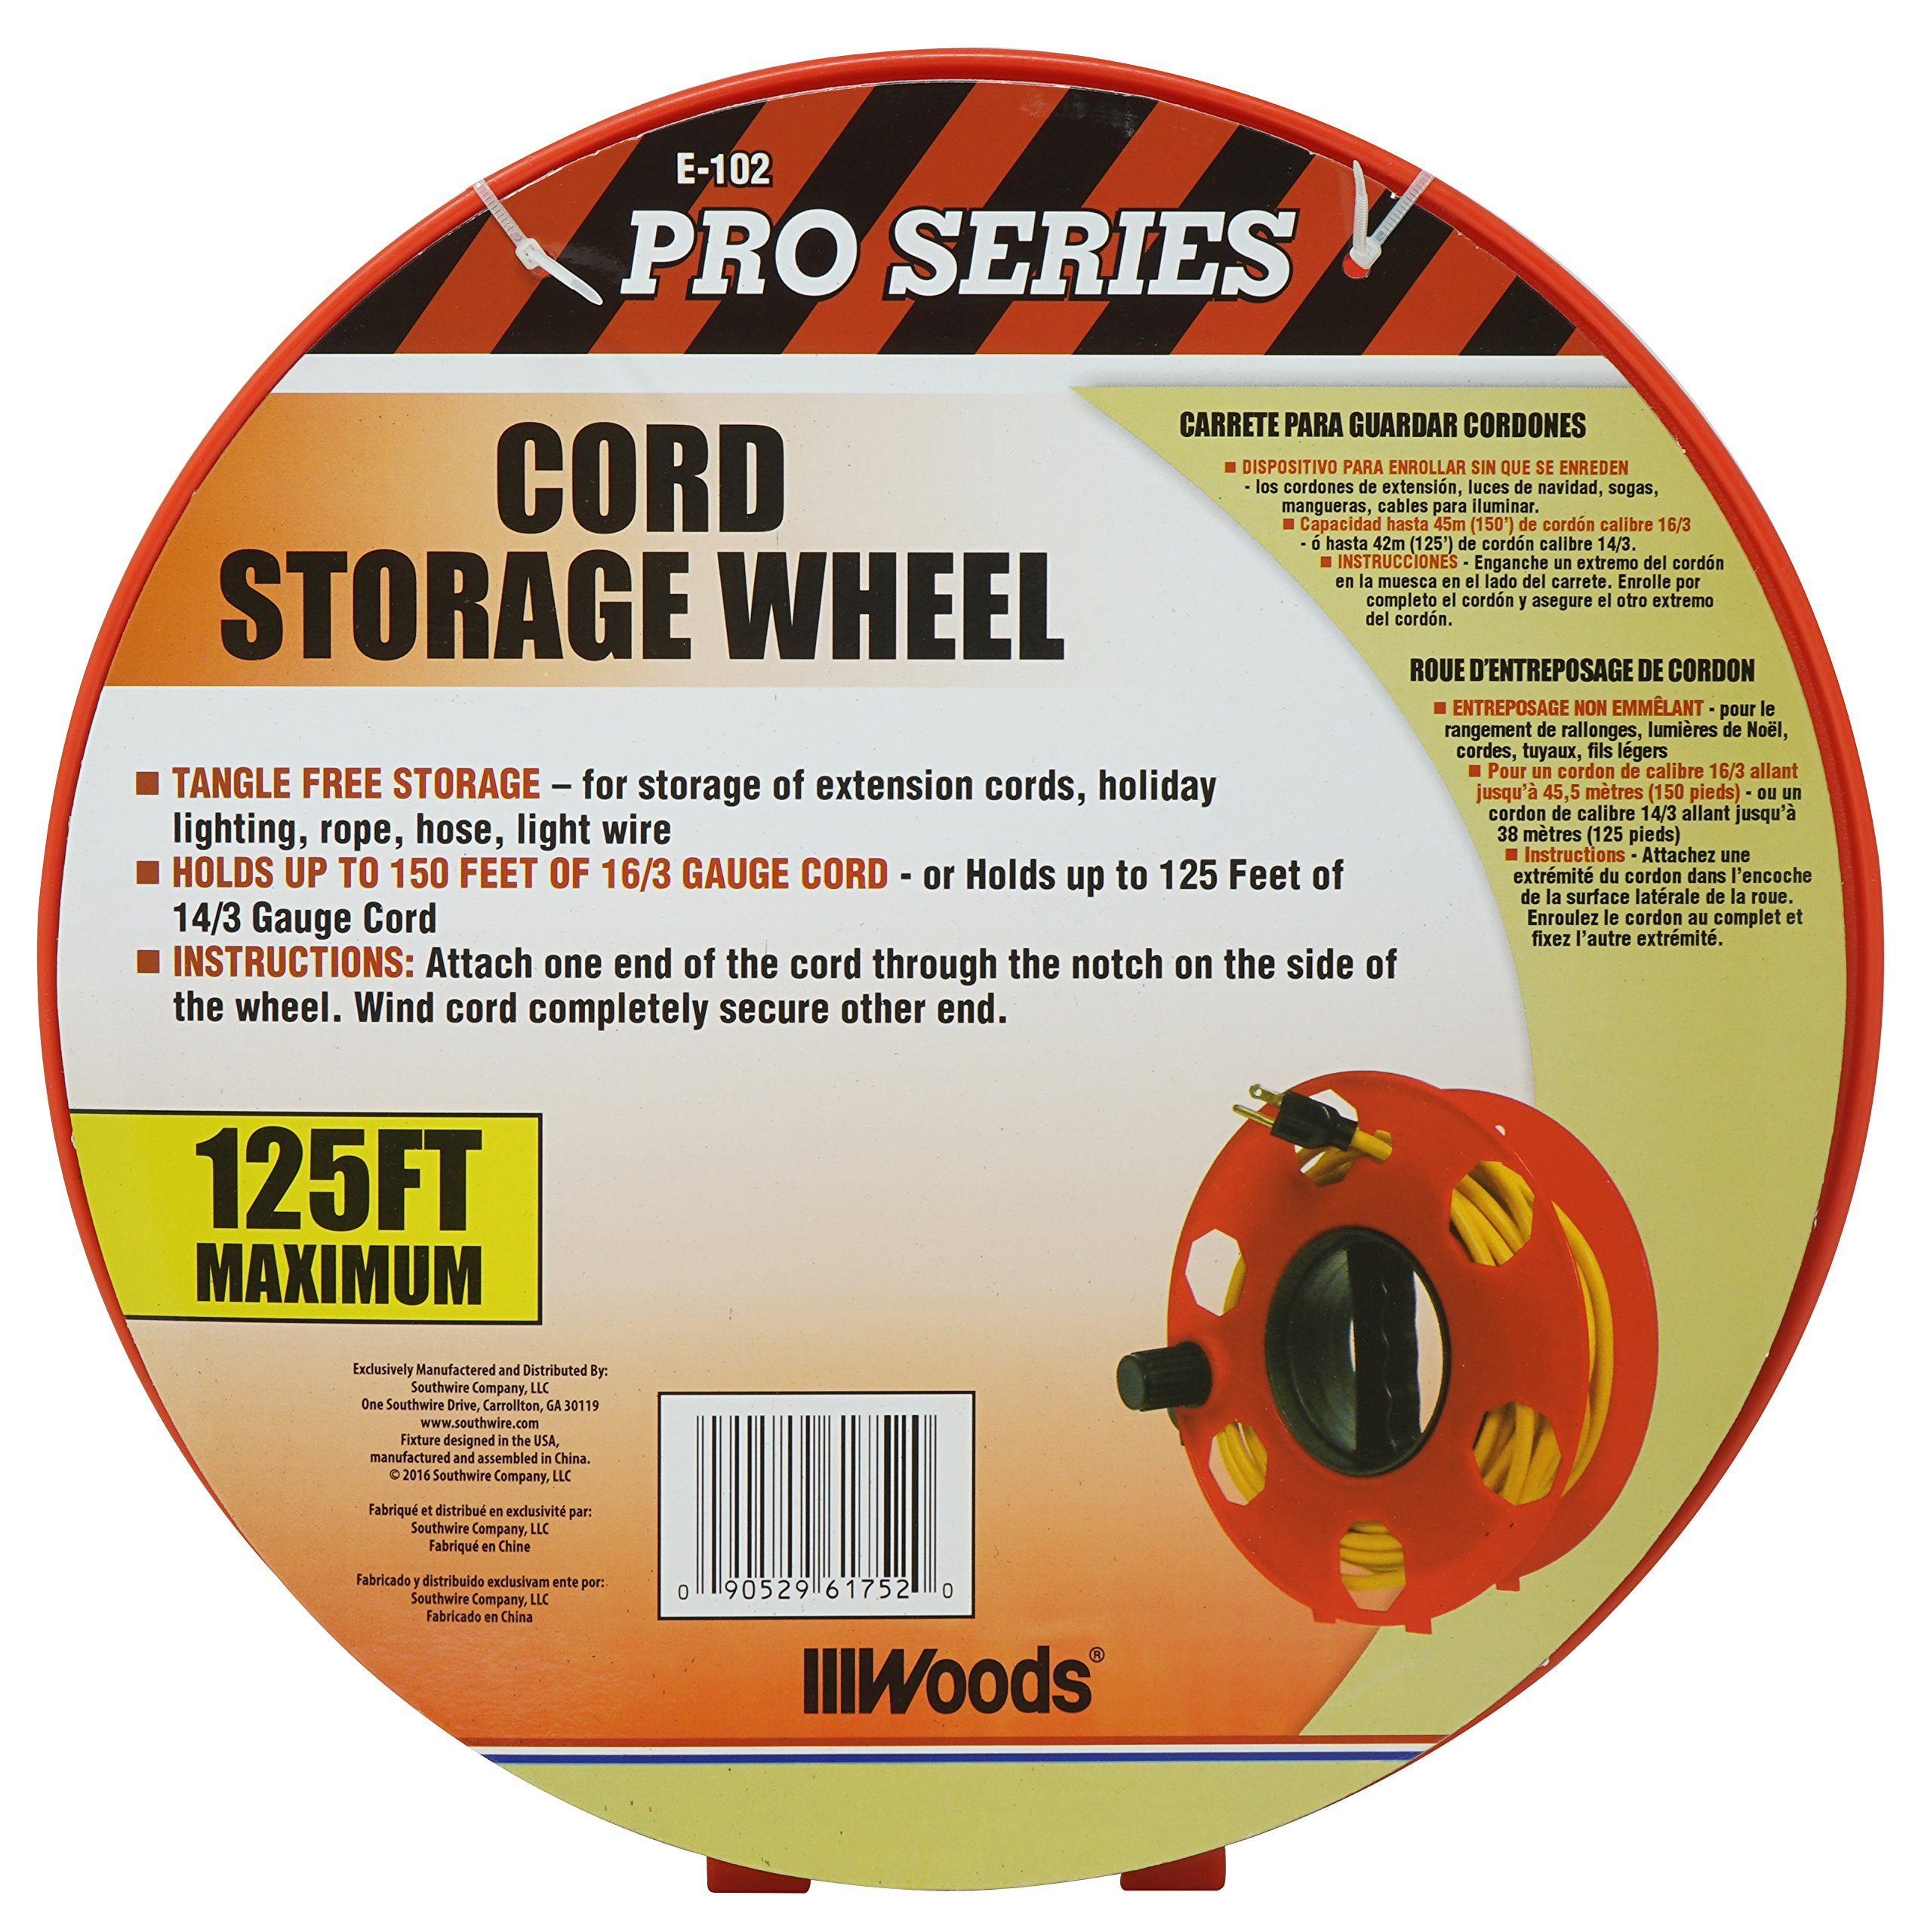 Woods E-102 Heavy Duty Cord Storage Wheel, 125-Foot